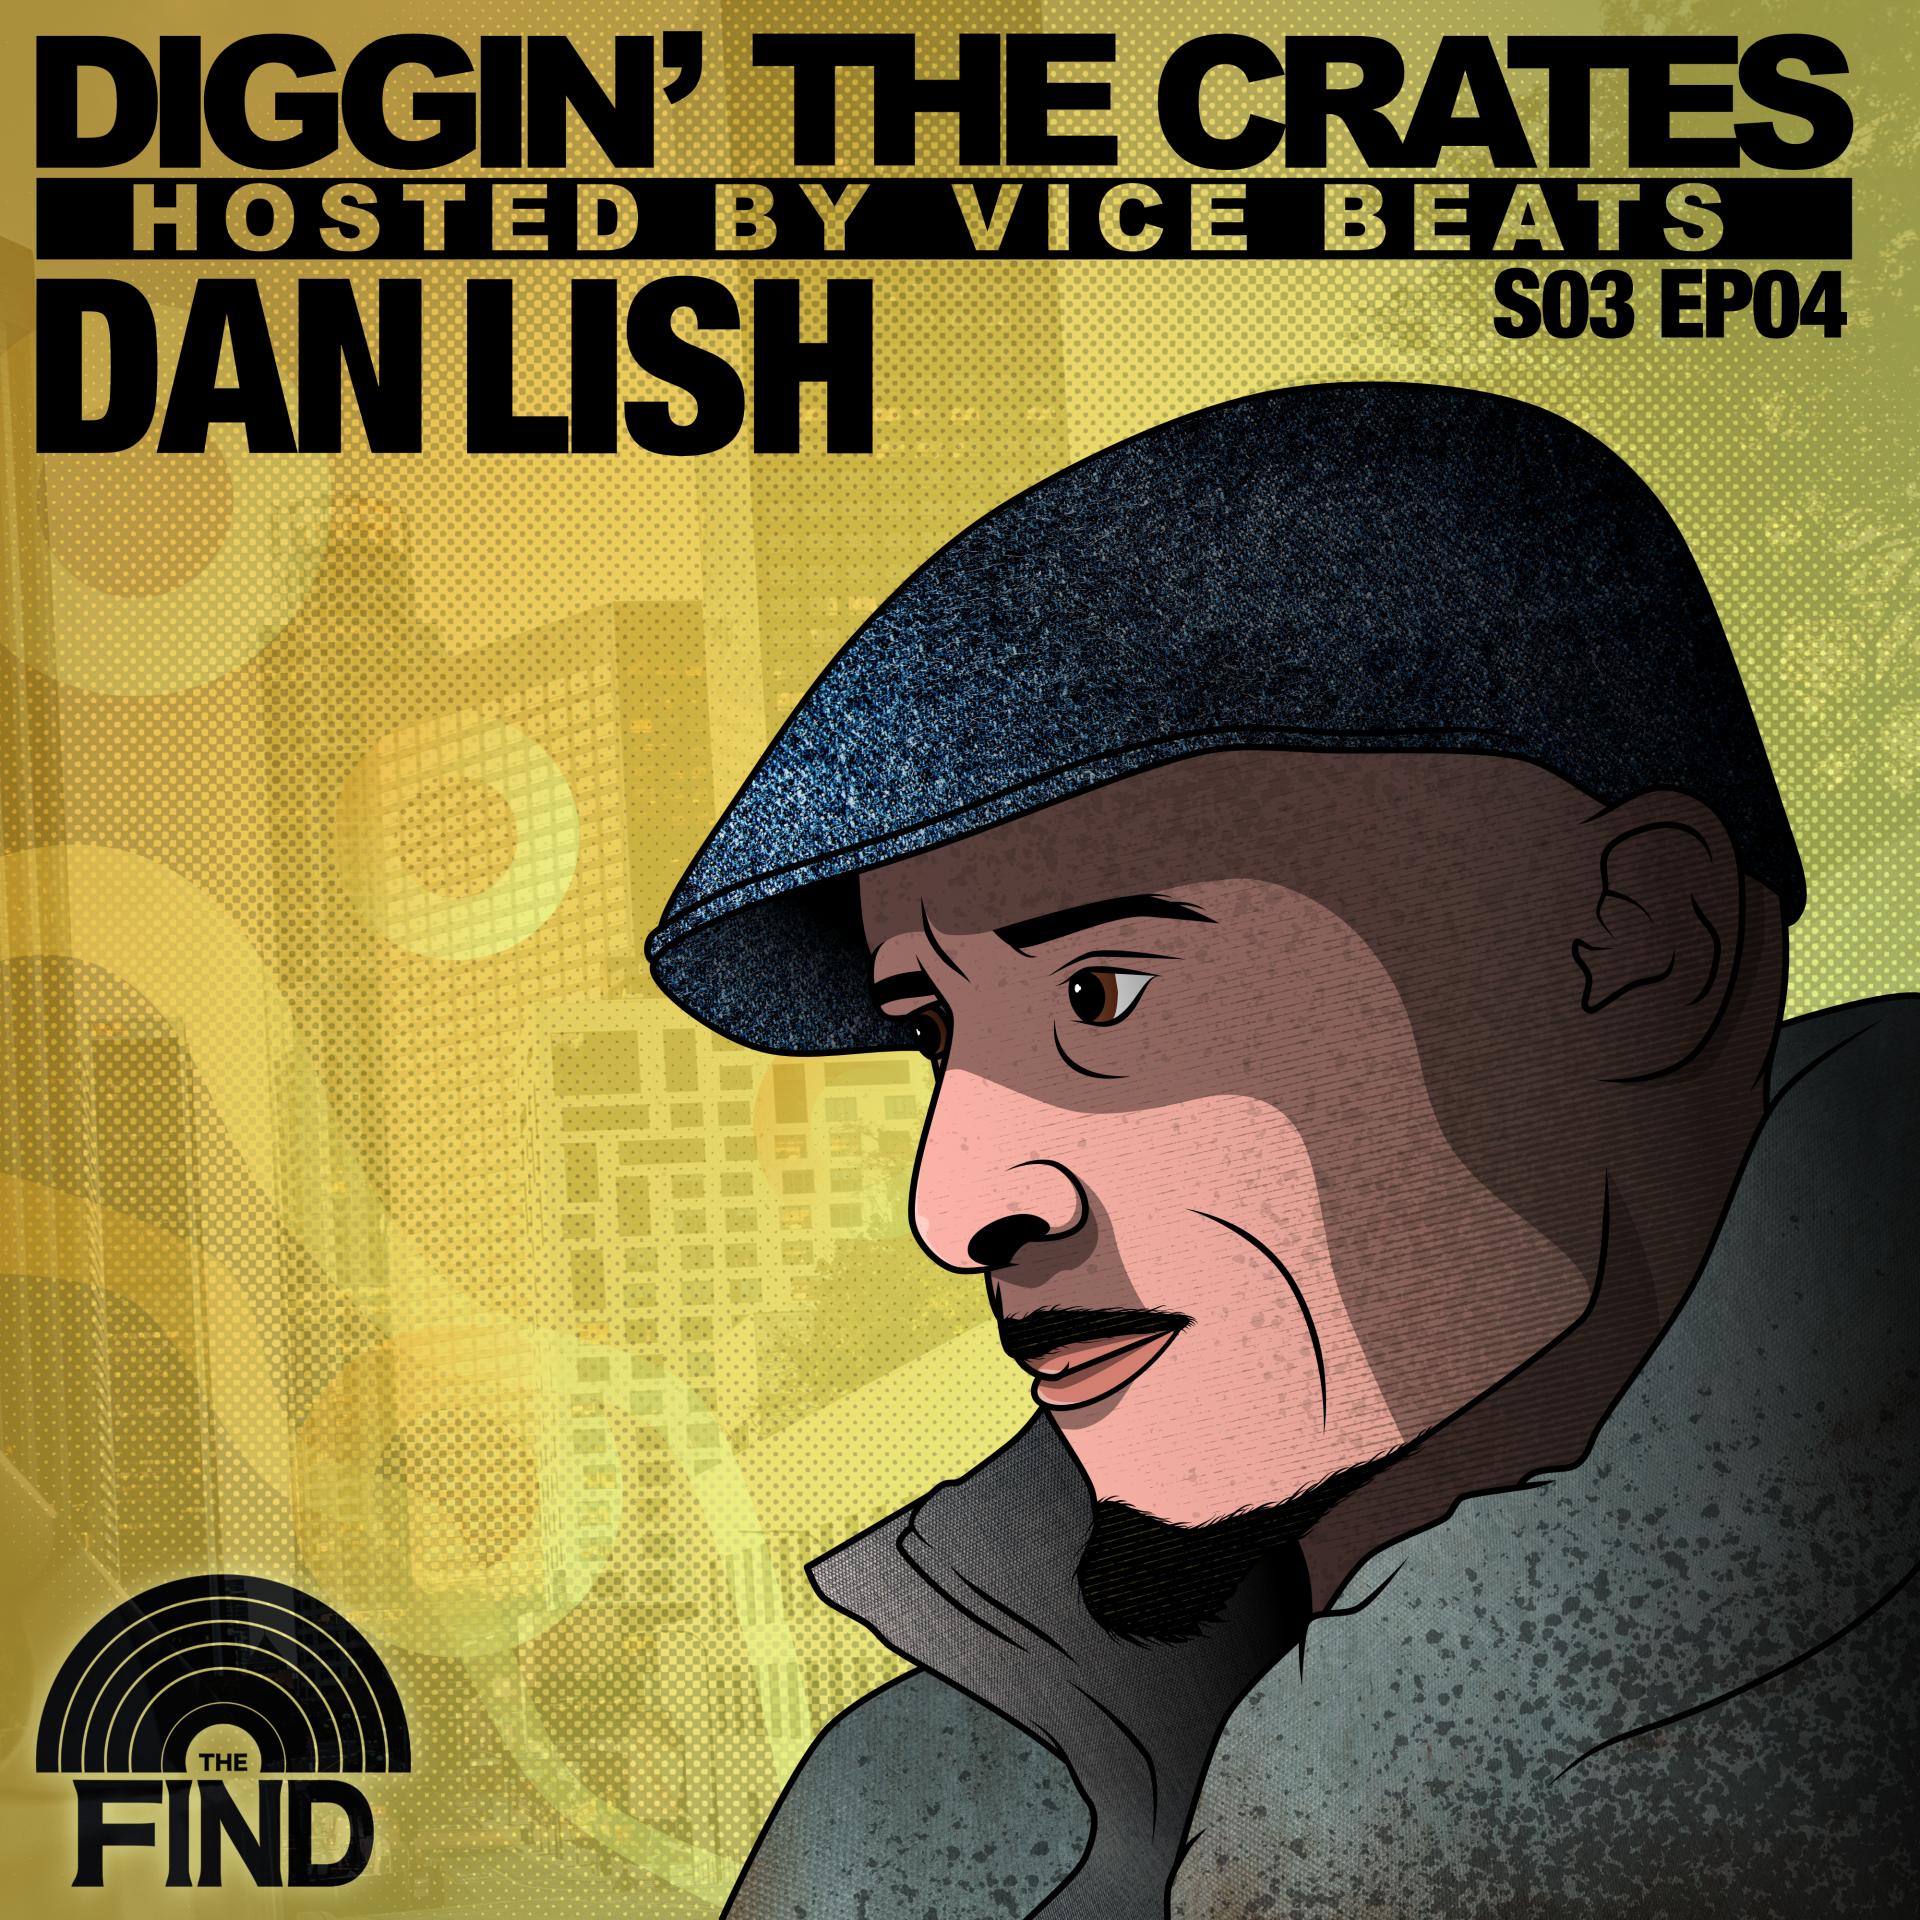 Dan Lish (Diggin' The Crates Season 3 Episode 4)